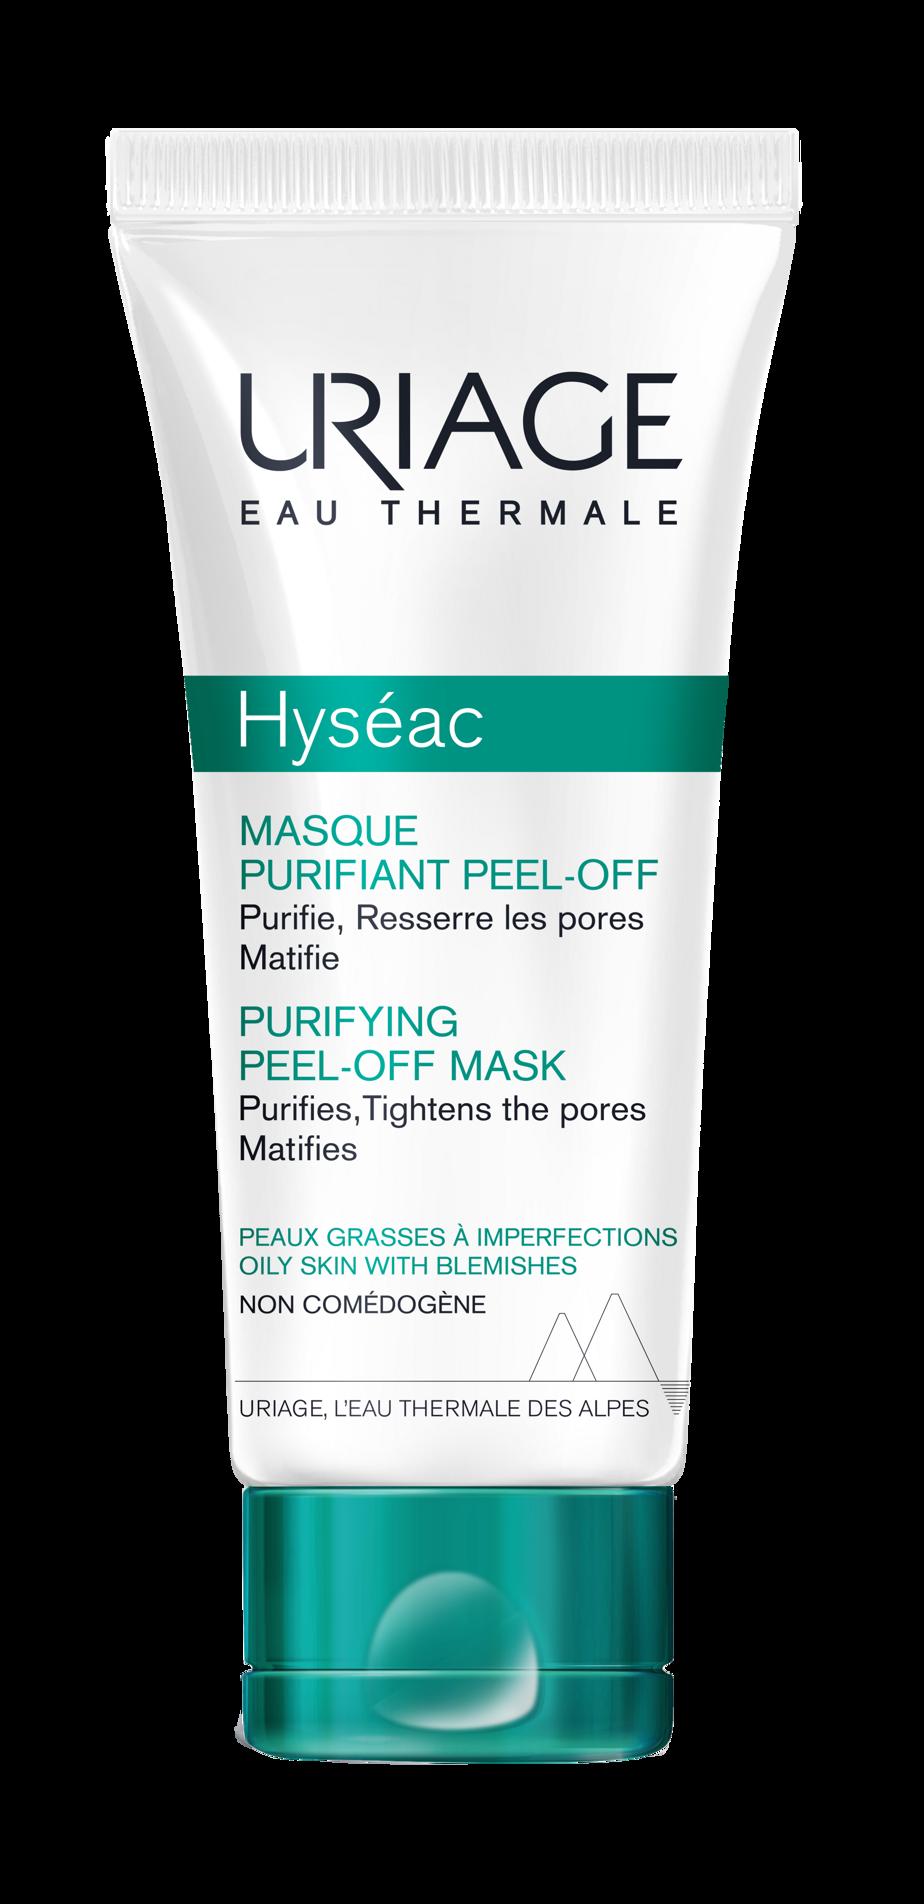 Le masque purifiant peel-off de la gamme Hyséac d'Uriage